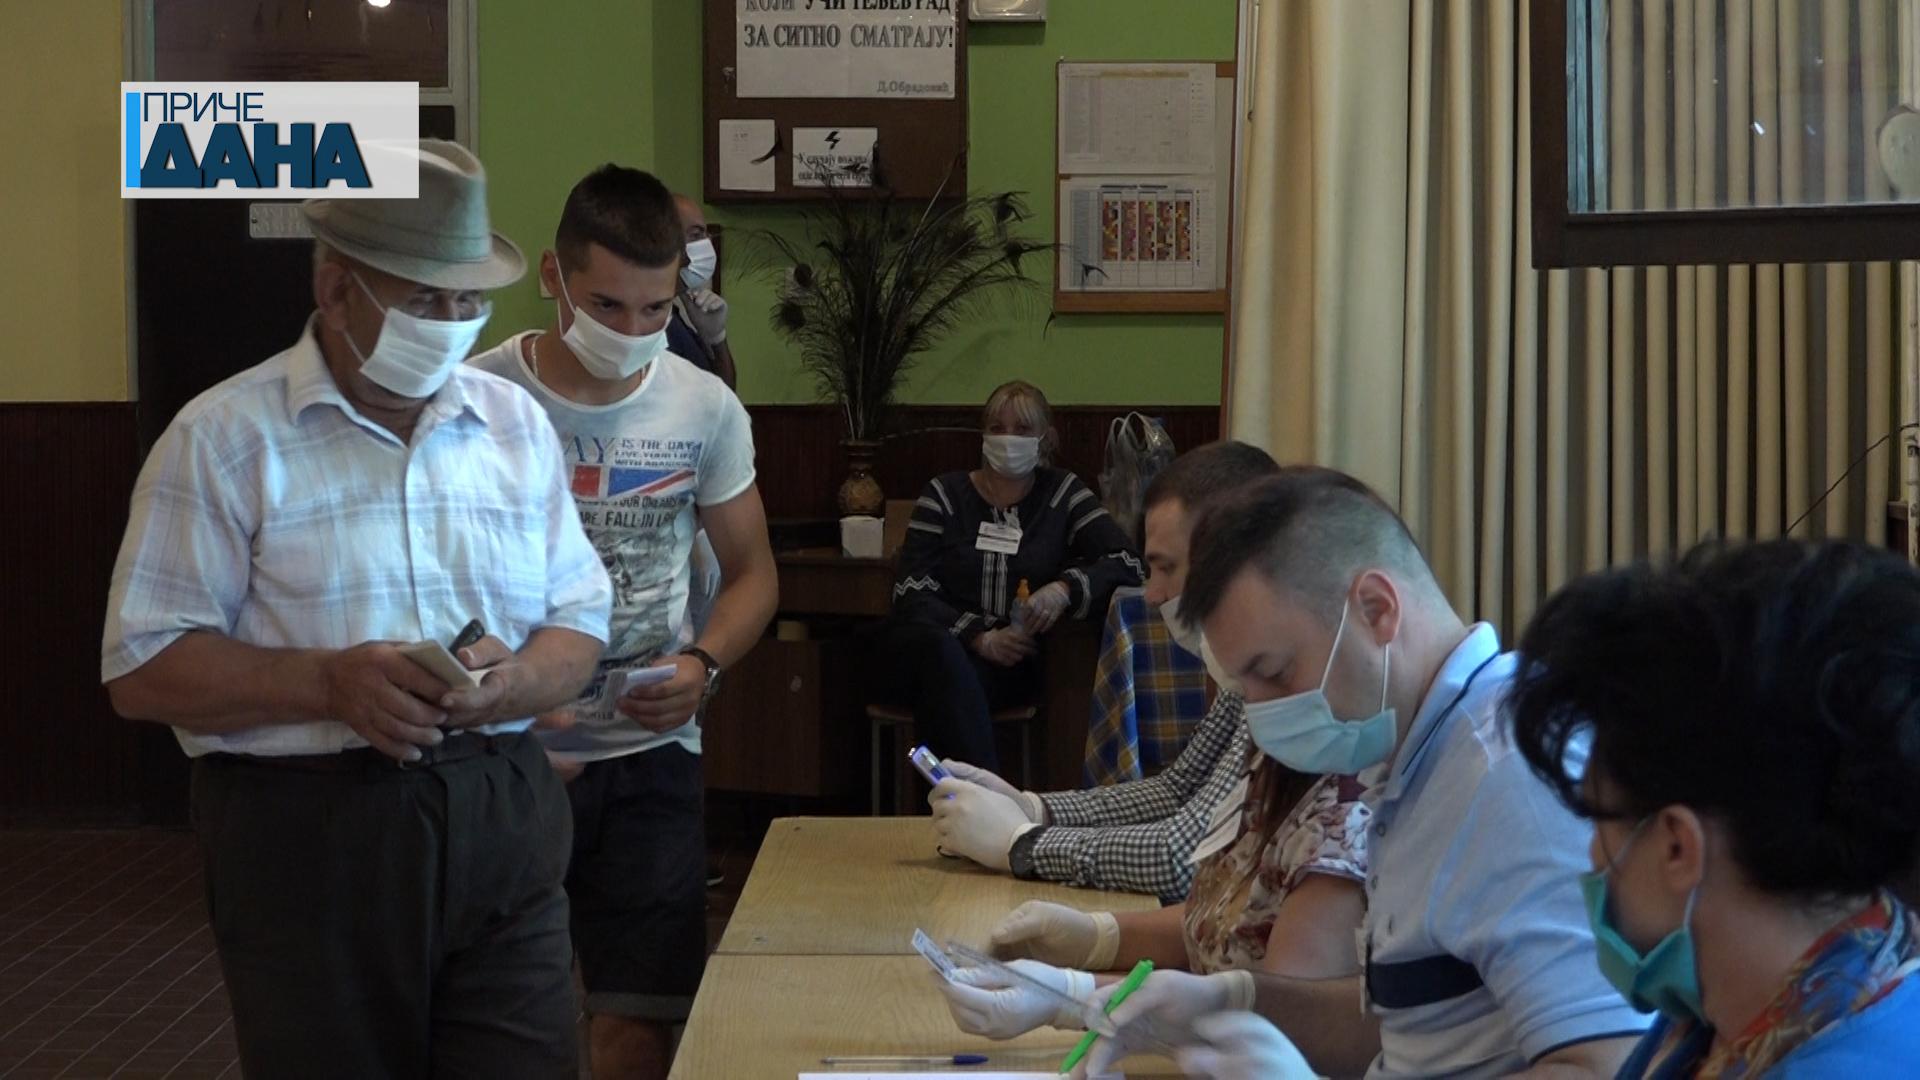 Ponovljeni lokalni izbori u Busilovcu, Šavcu i Klubu penzionera